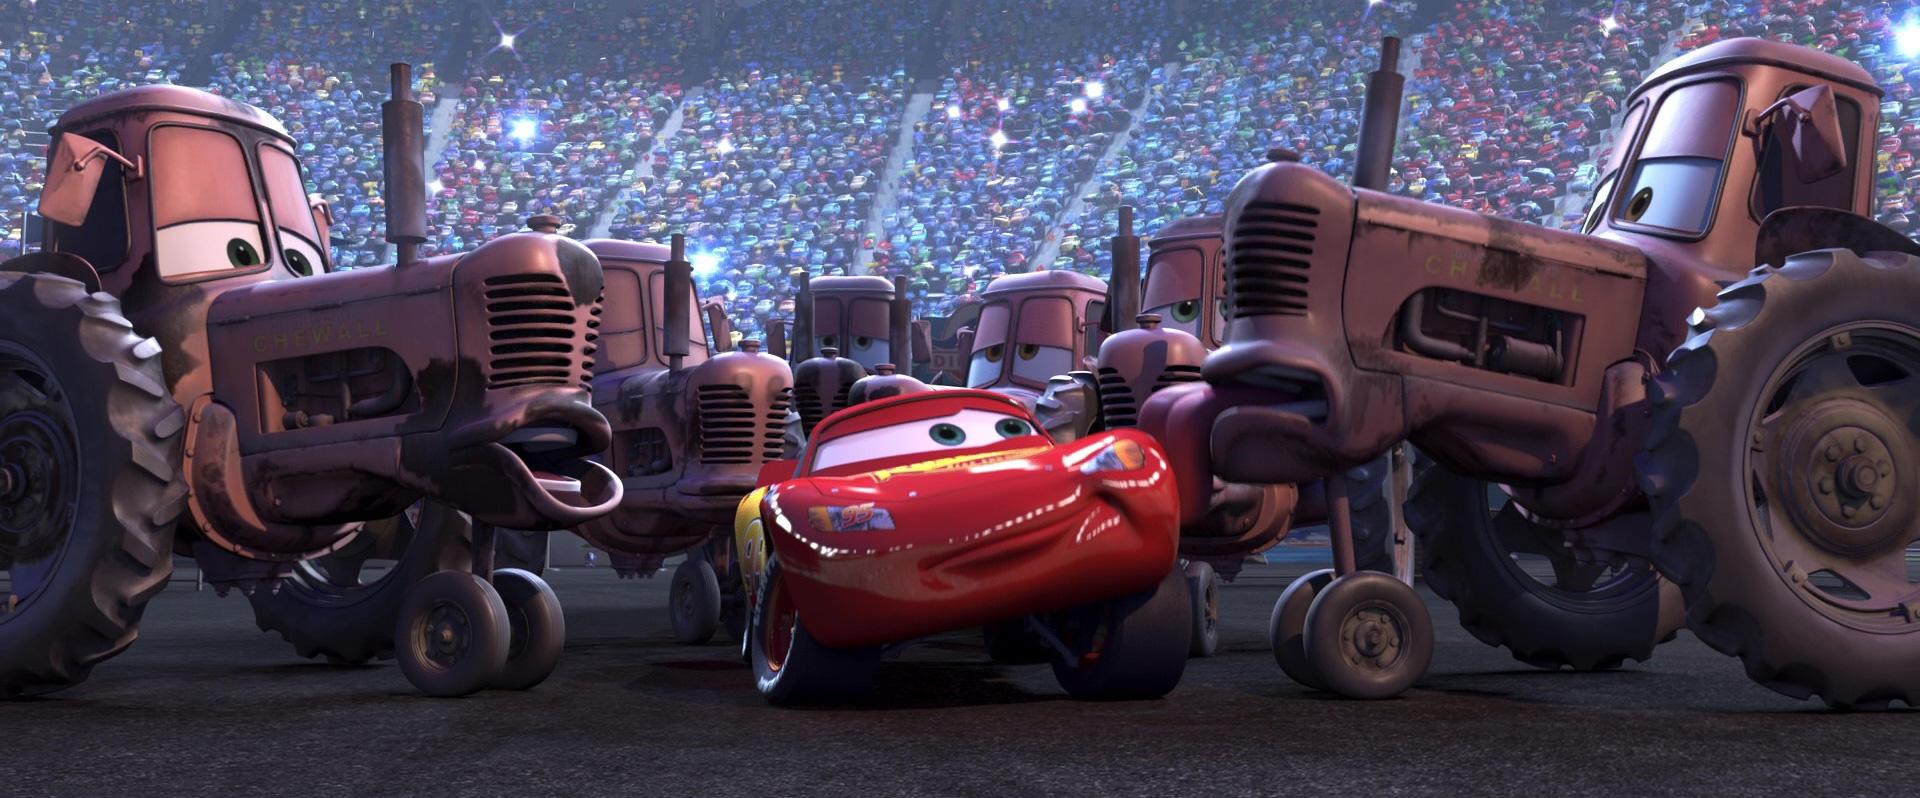 La carisation les d cors de la franchise cars - Cars et les tracteurs ...